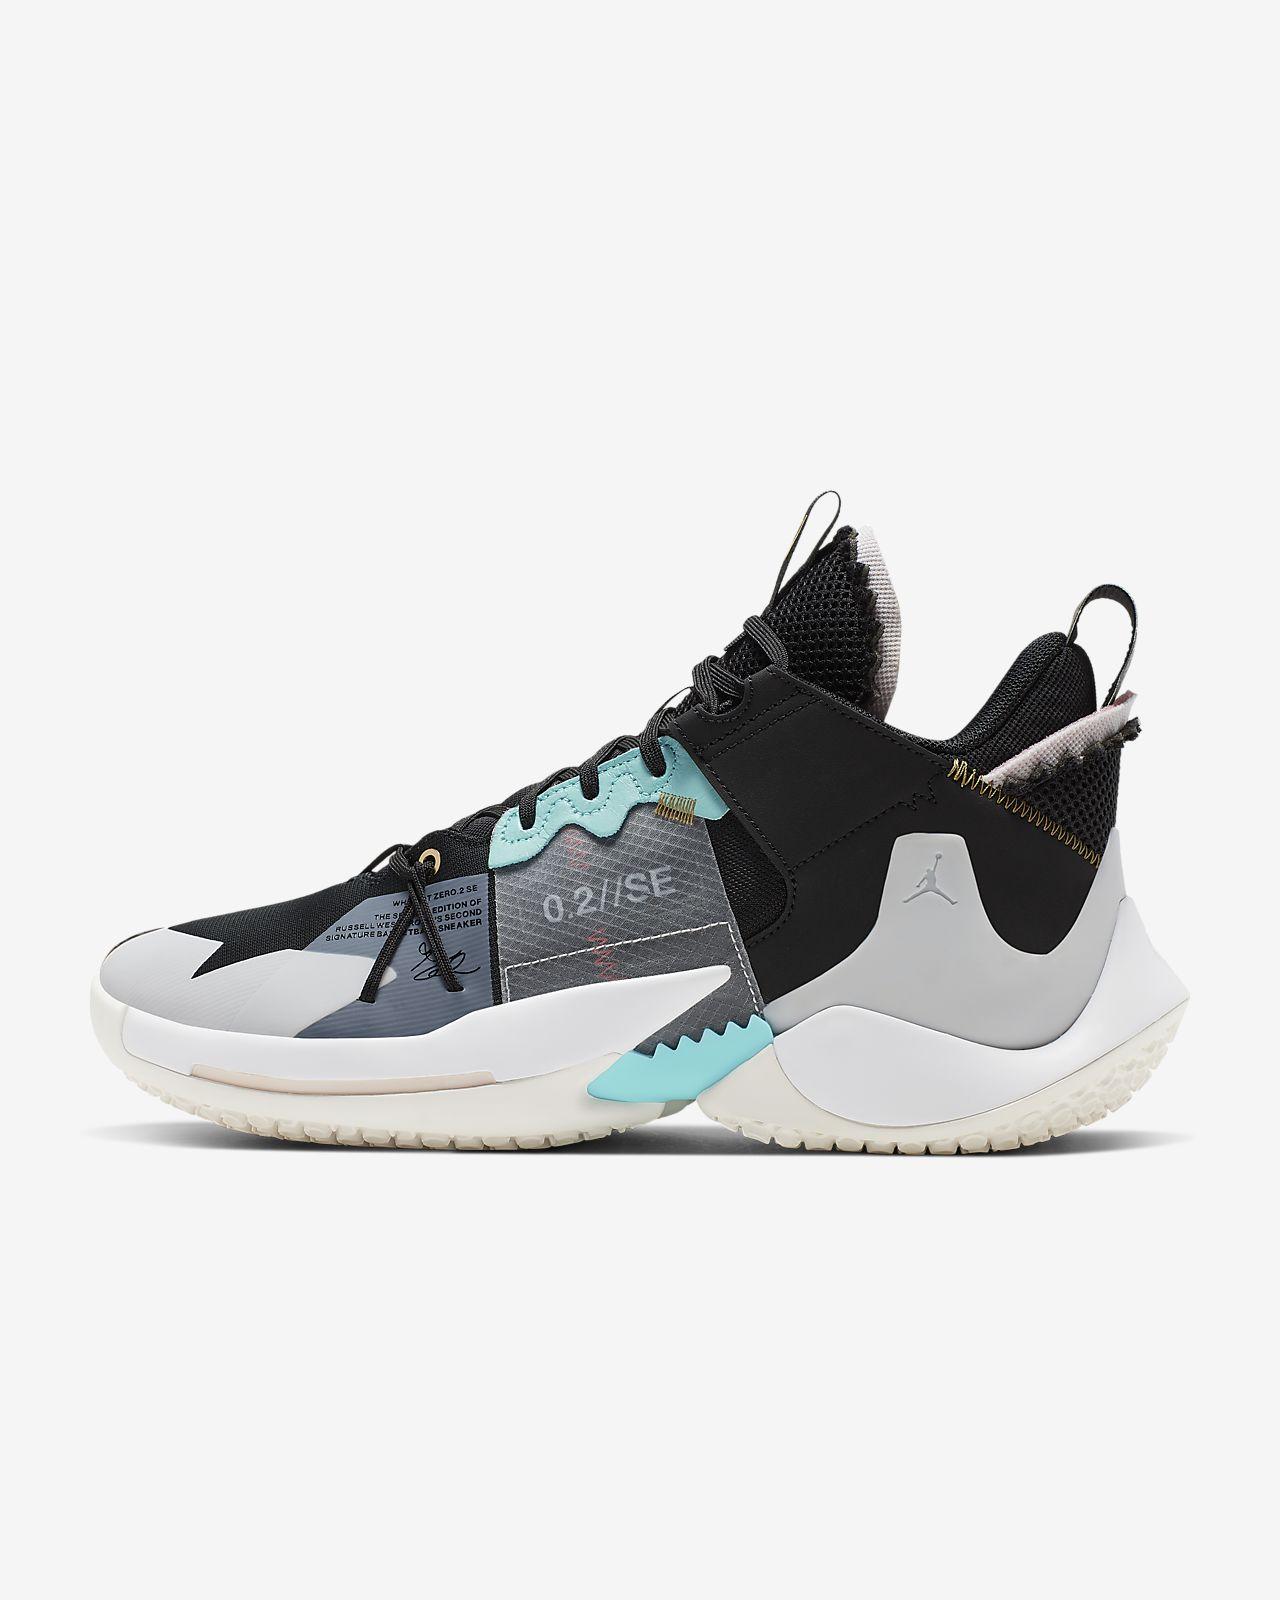 meilleures baskets e4f98 4f080 Chaussure de basketball Jordan